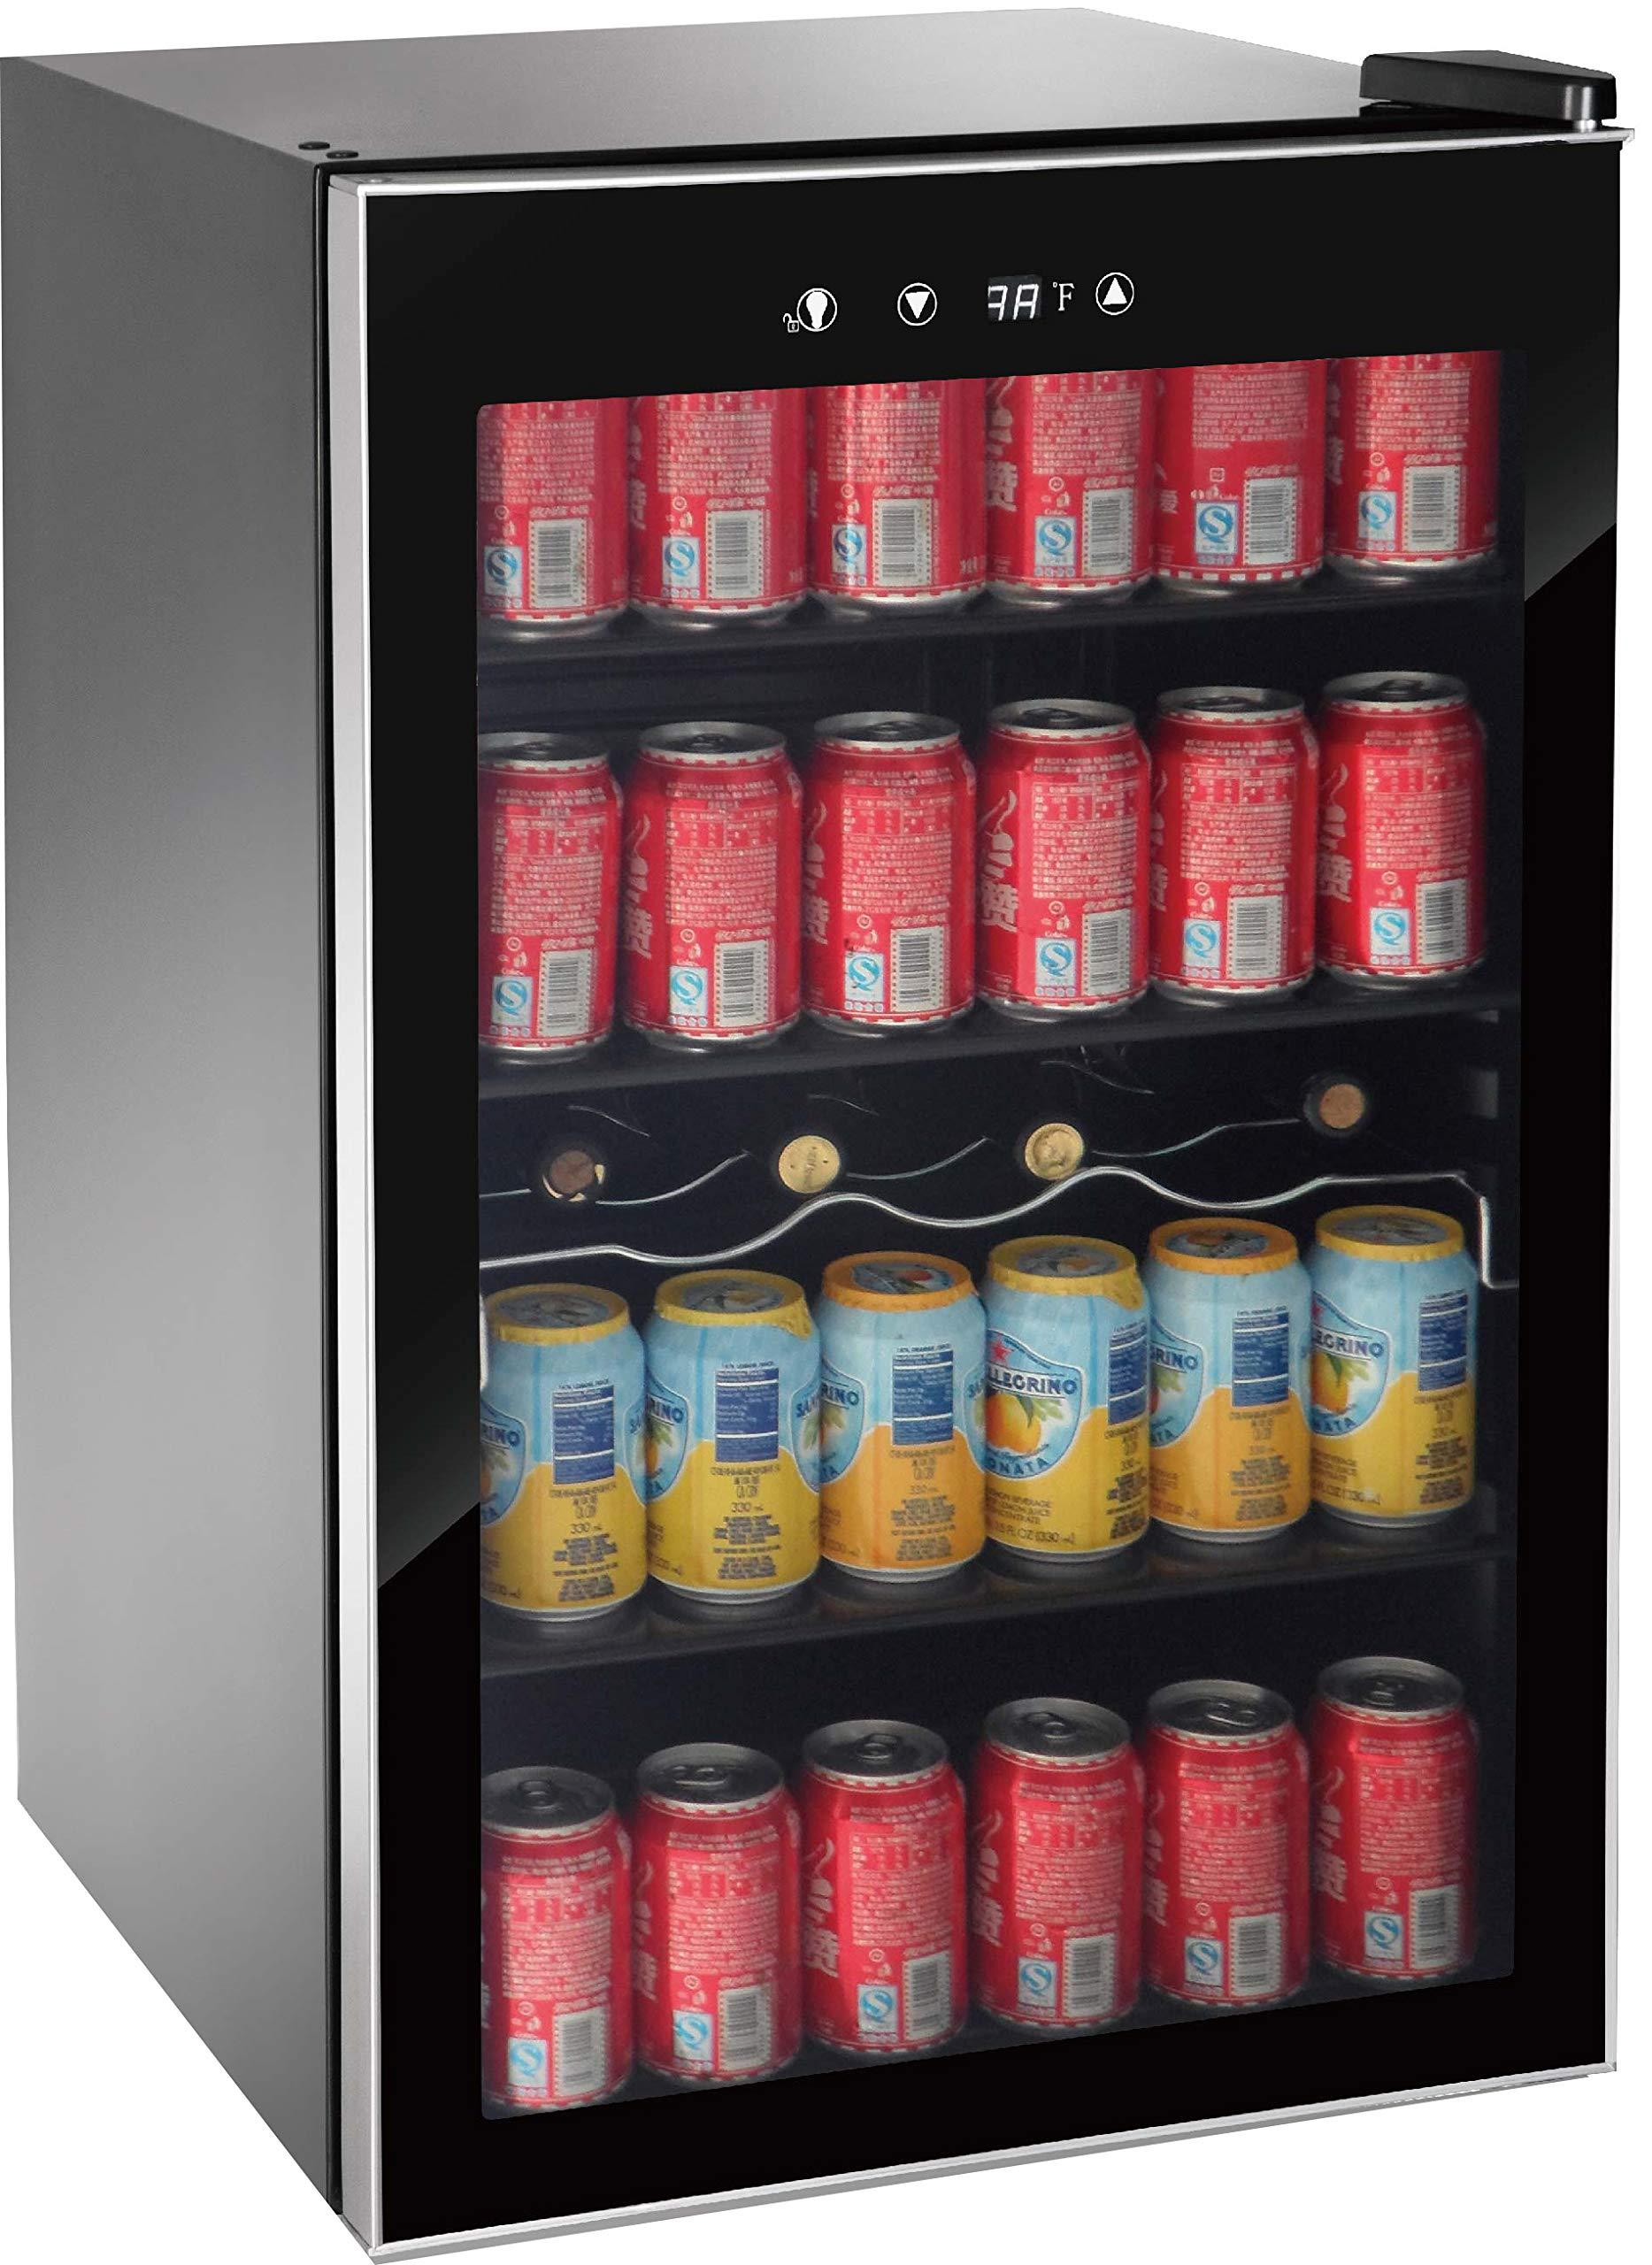 RCA wine cooler fridge beverage cooler (110 can or 36 bottles)